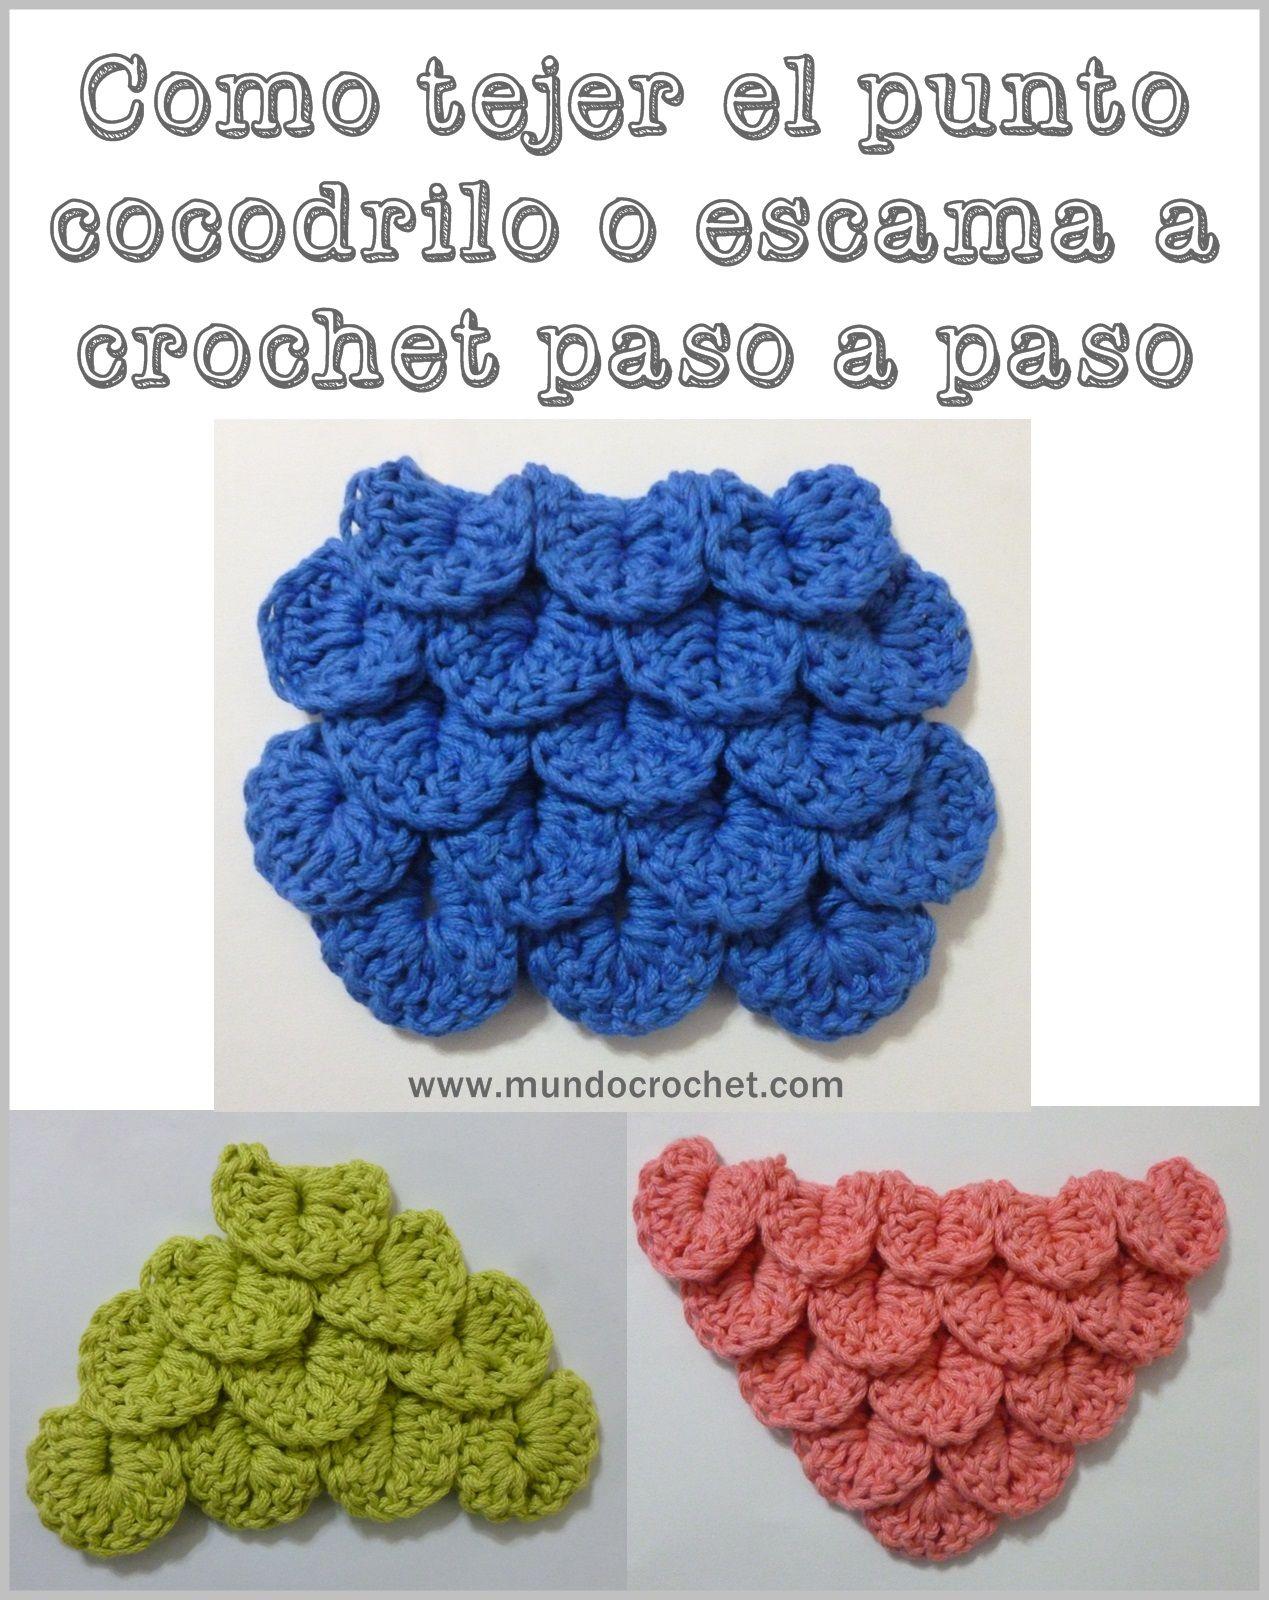 Pin de Marleny Vilca Hañari en TELAS | Pinterest | Ganchillo ...